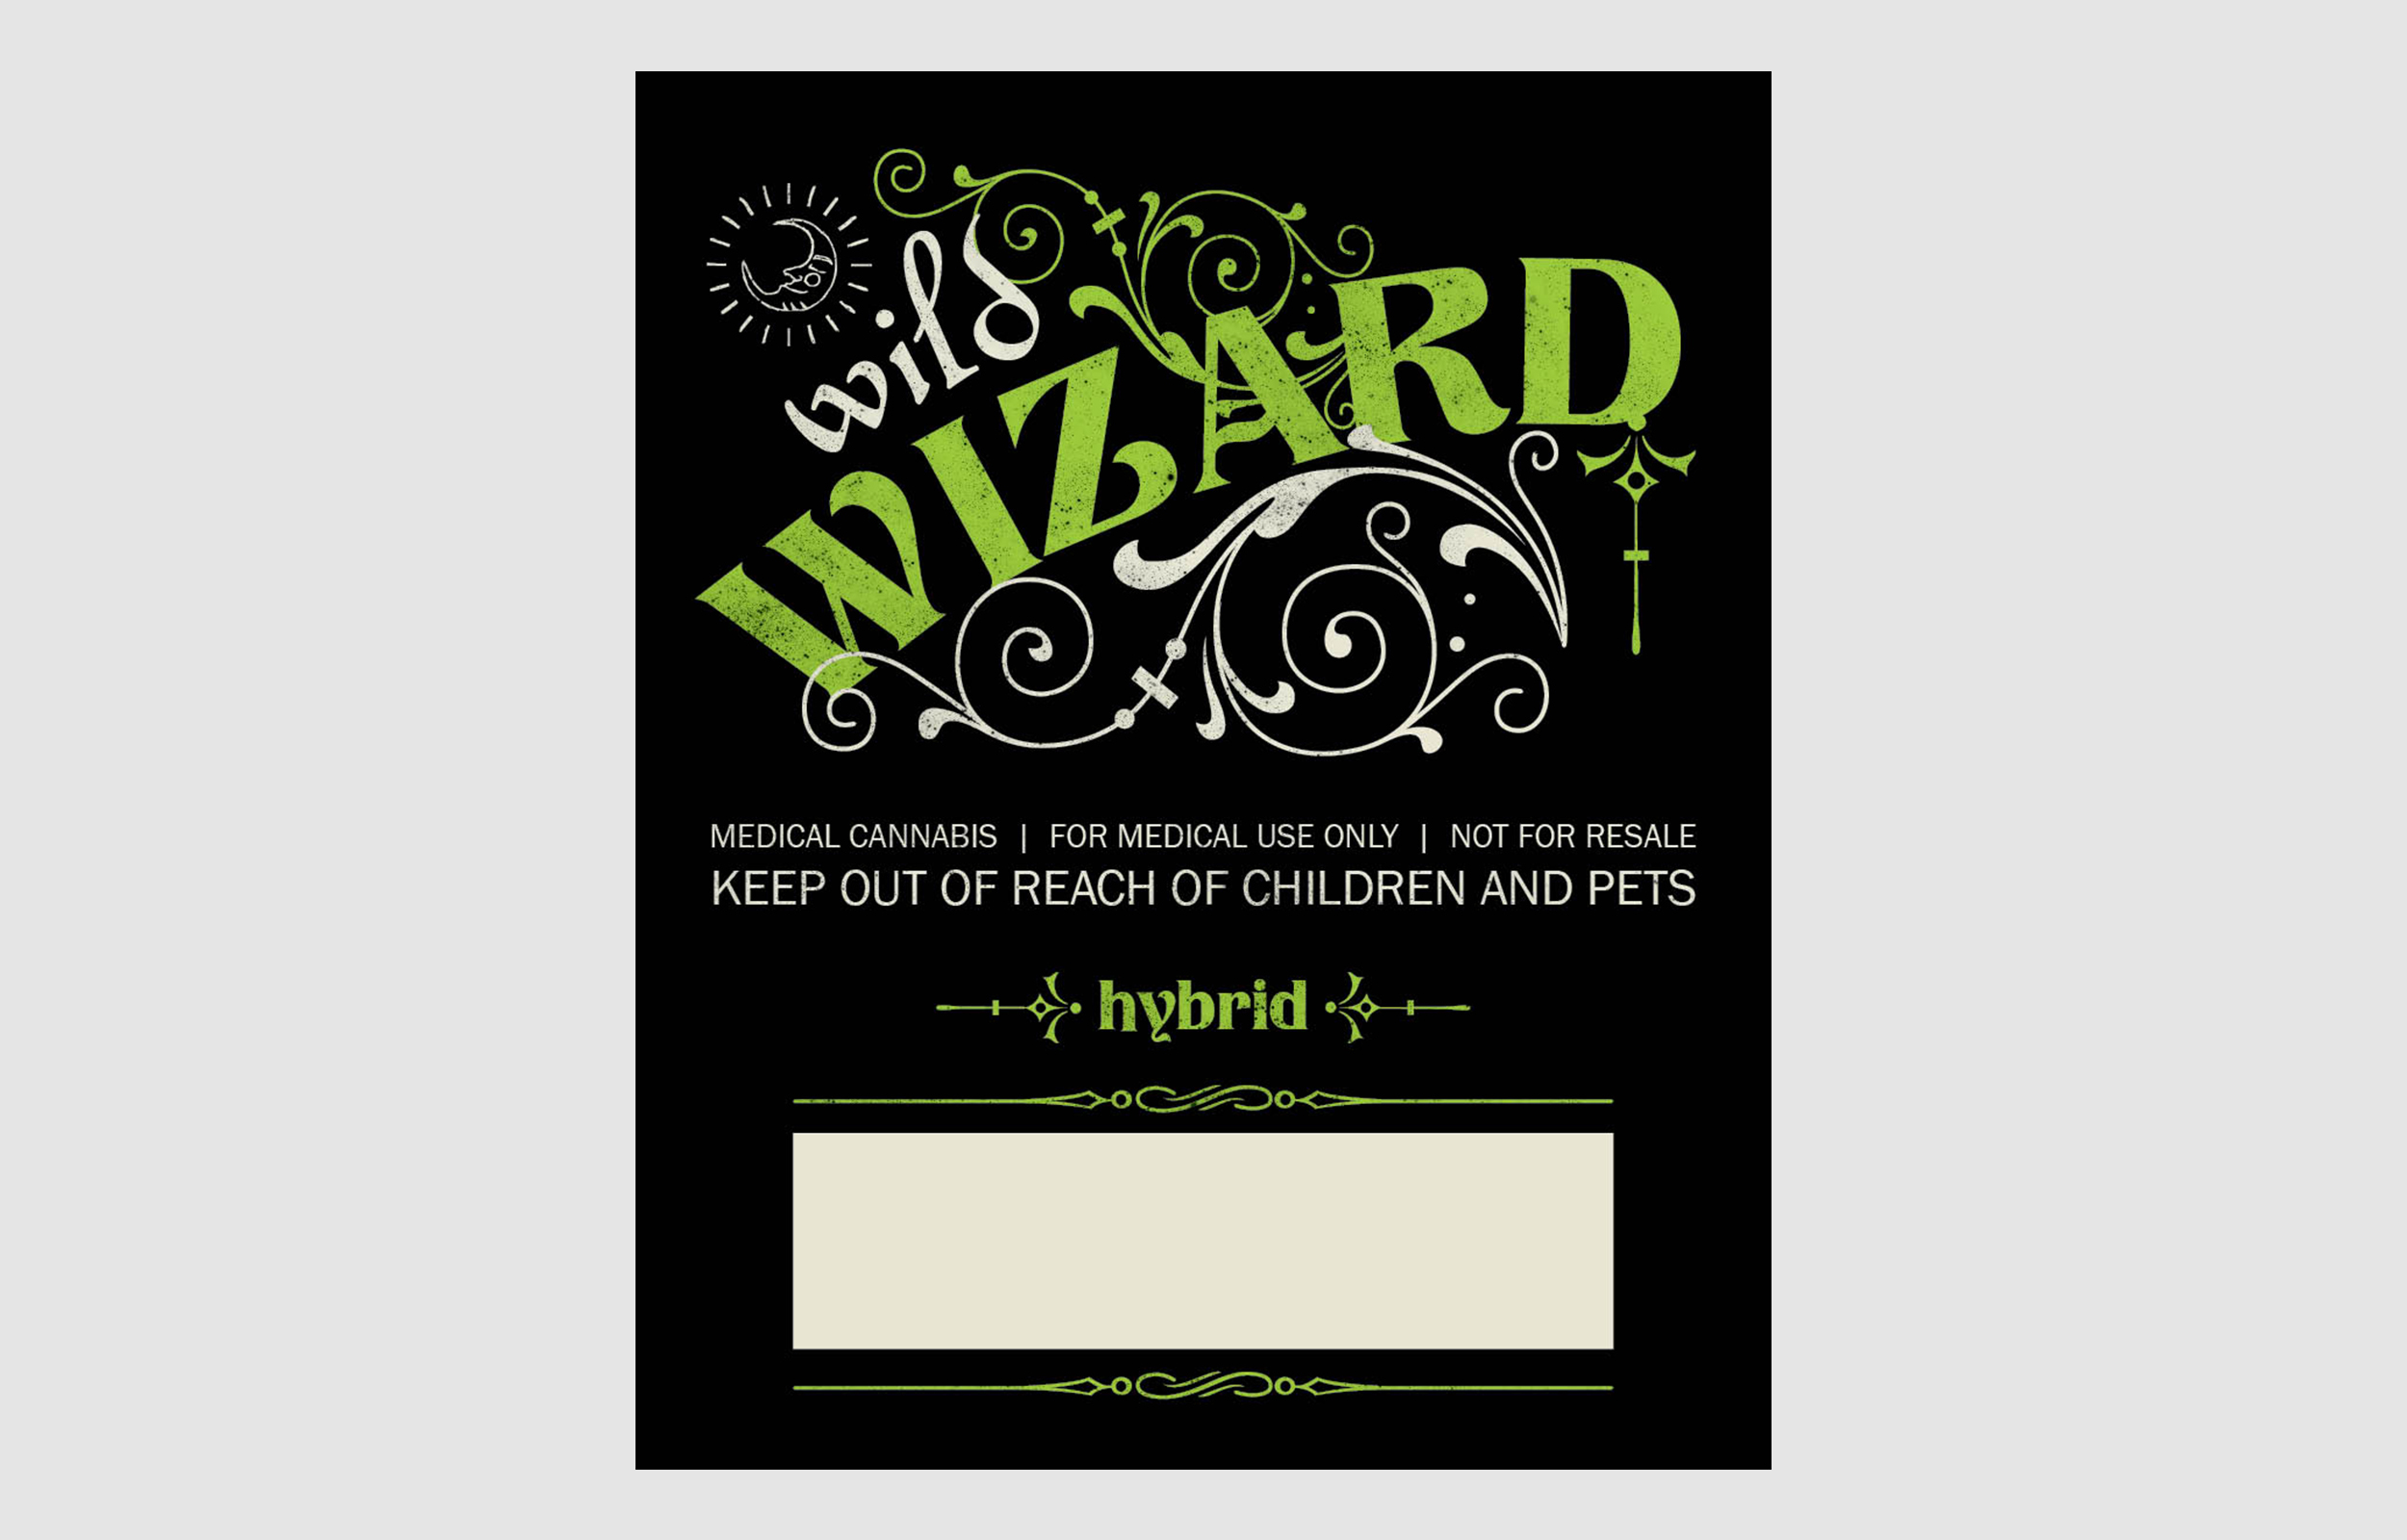 Wild Wizard Hybrid Label